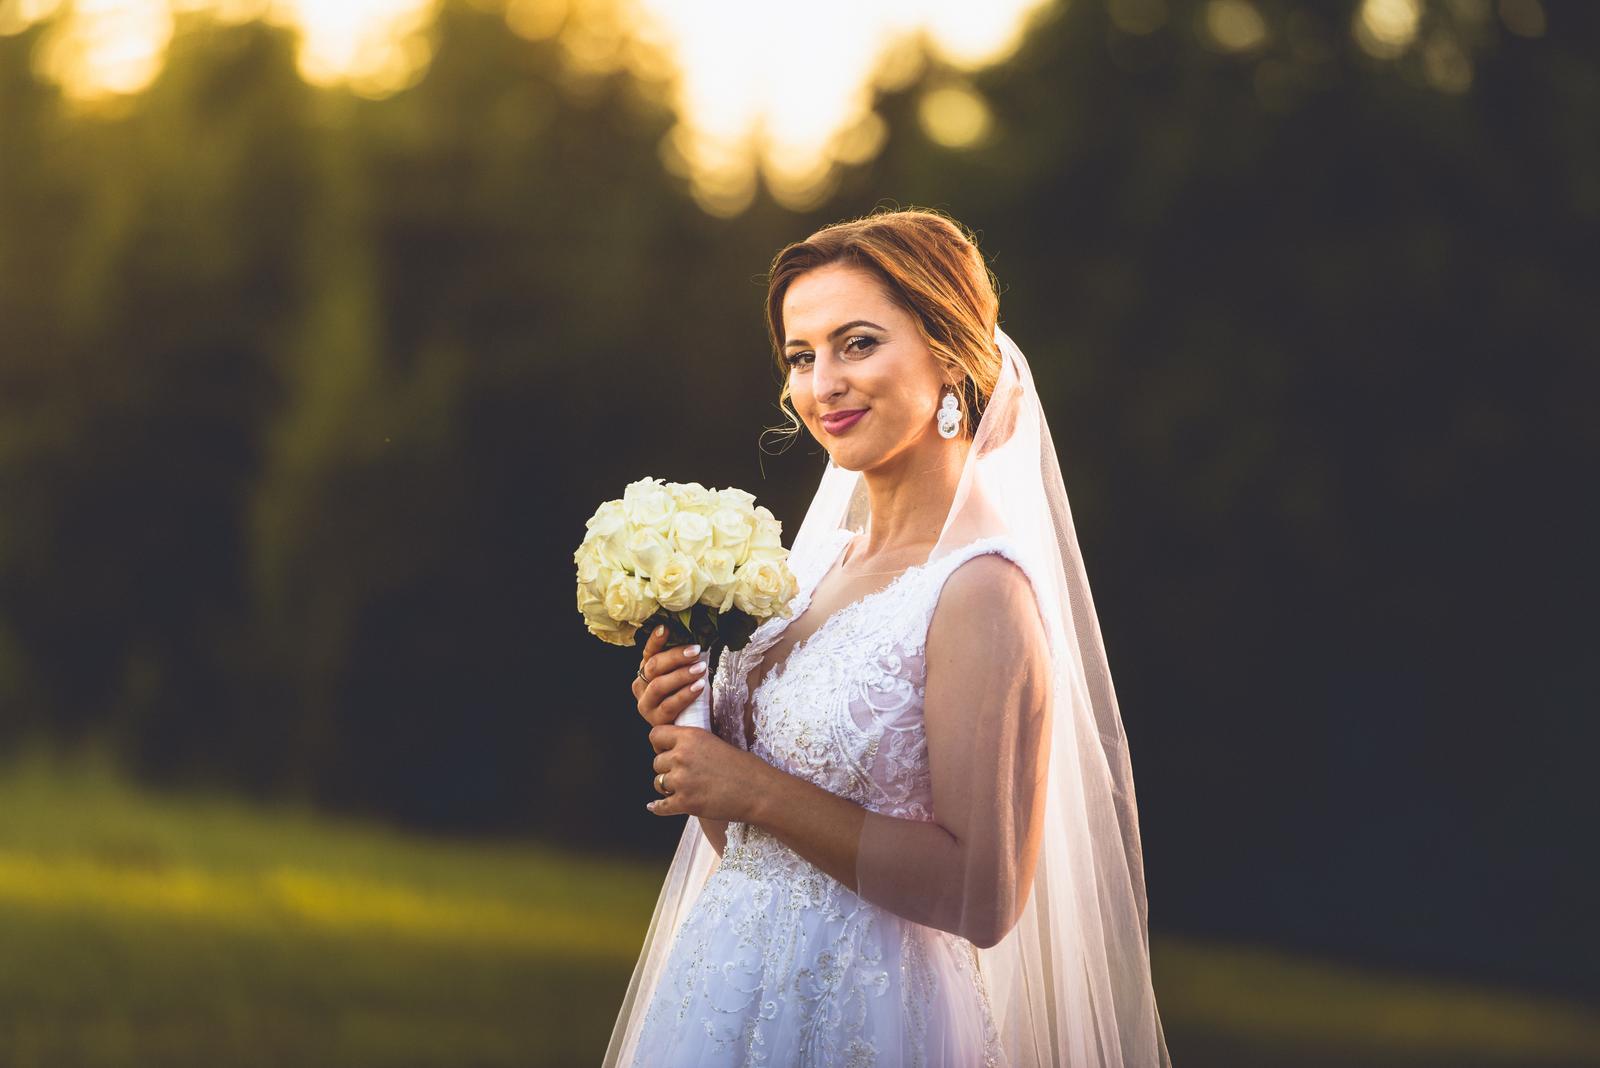 Svadobné šaty 160cm - Obrázok č. 1